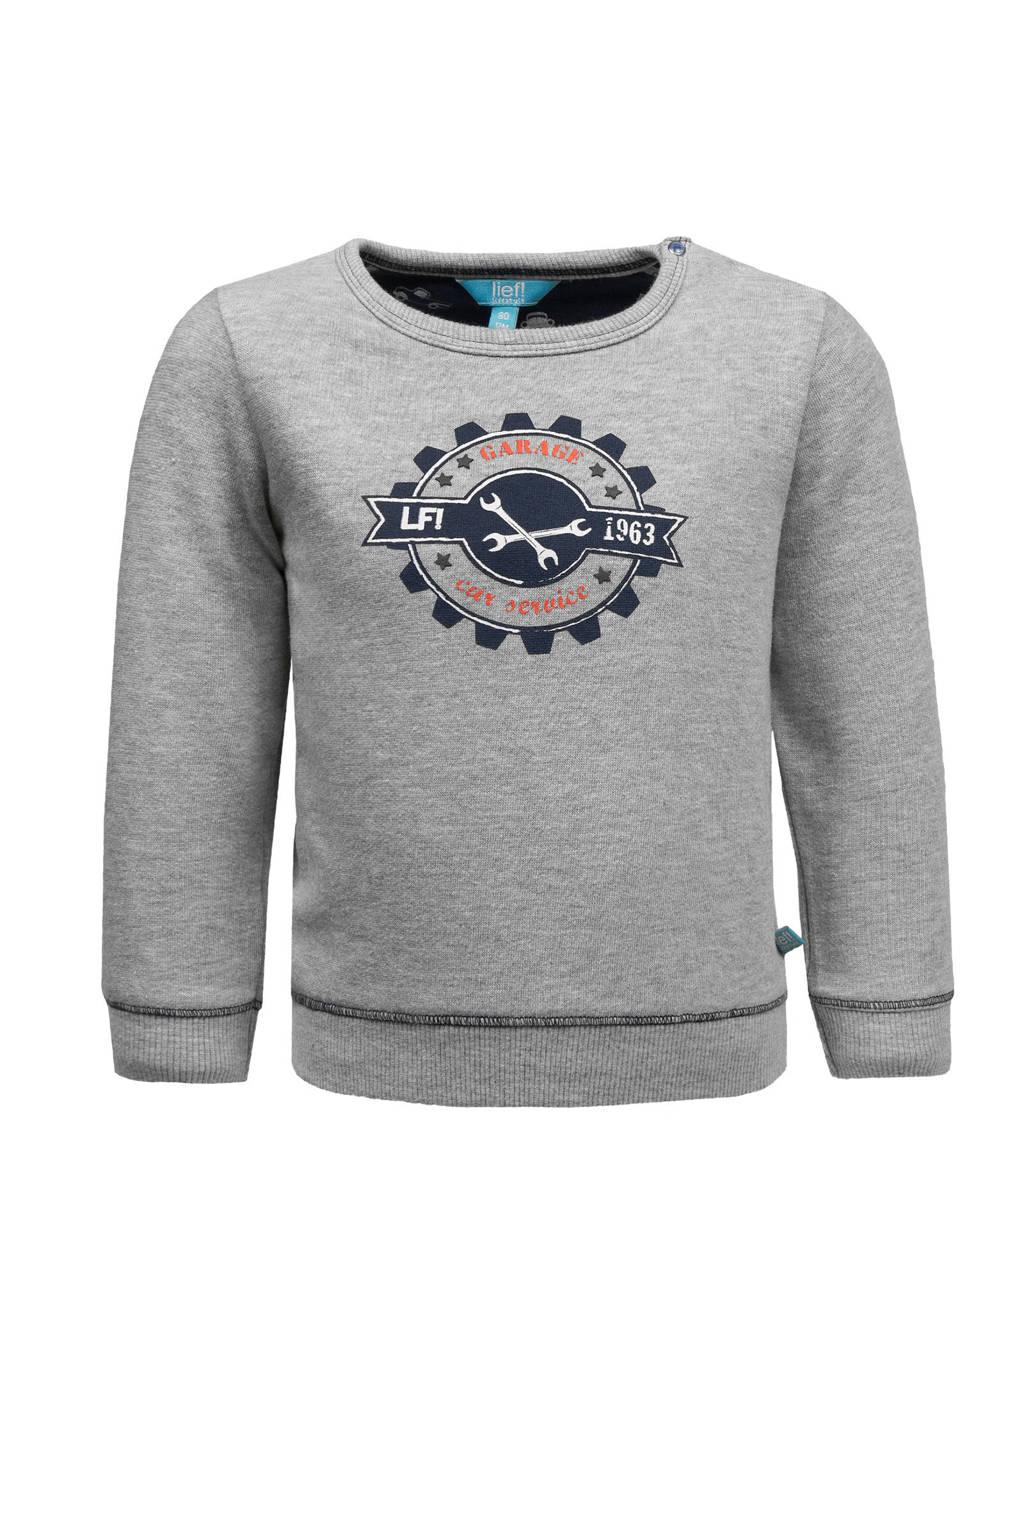 lief! sweater met printopdruk grijs, Grijs